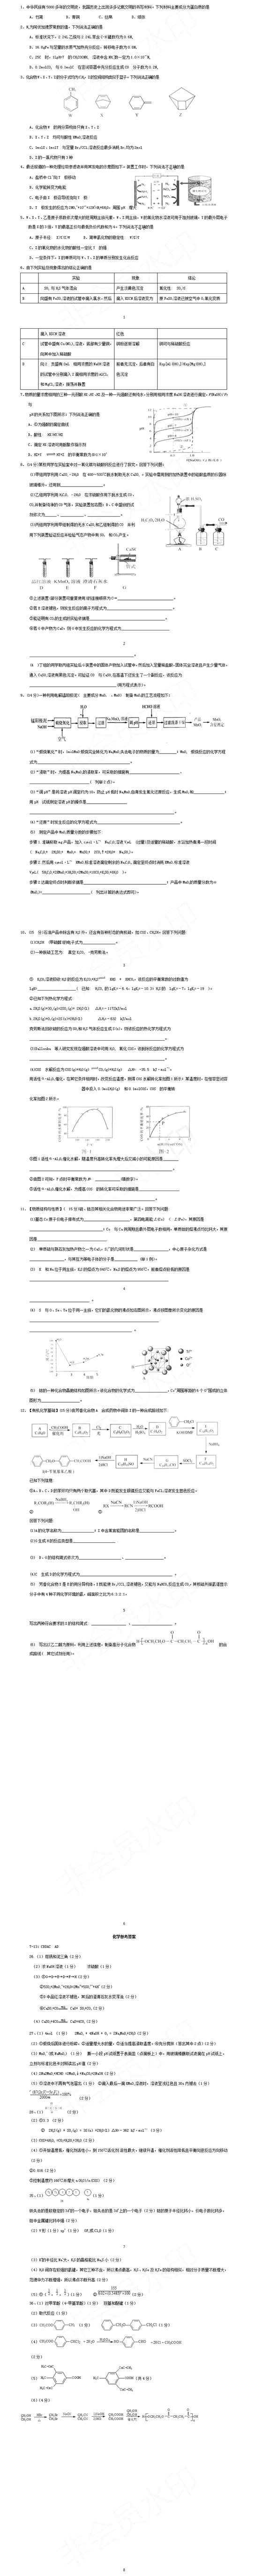 2019年高考化学基础提升试题及答案(7)